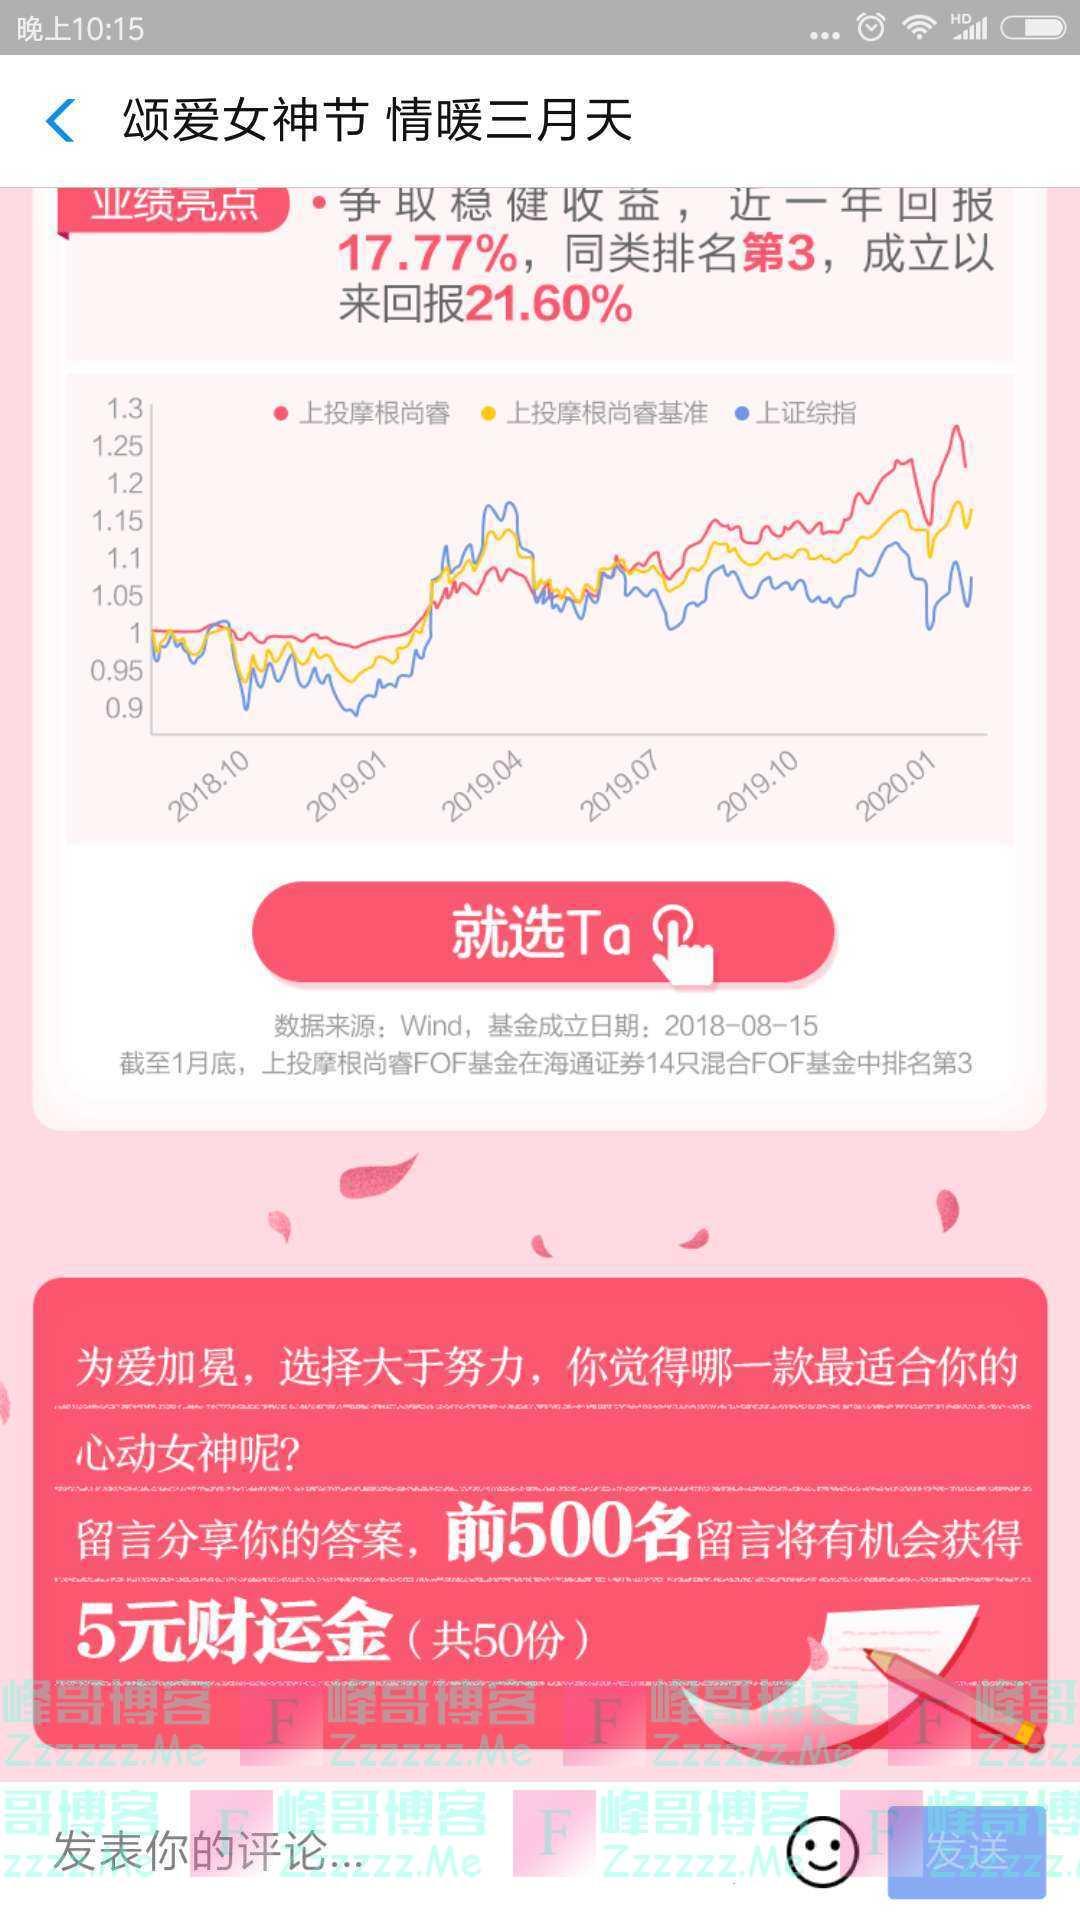 上投摩根基金颂爱女神节 节日福利(截止不详)